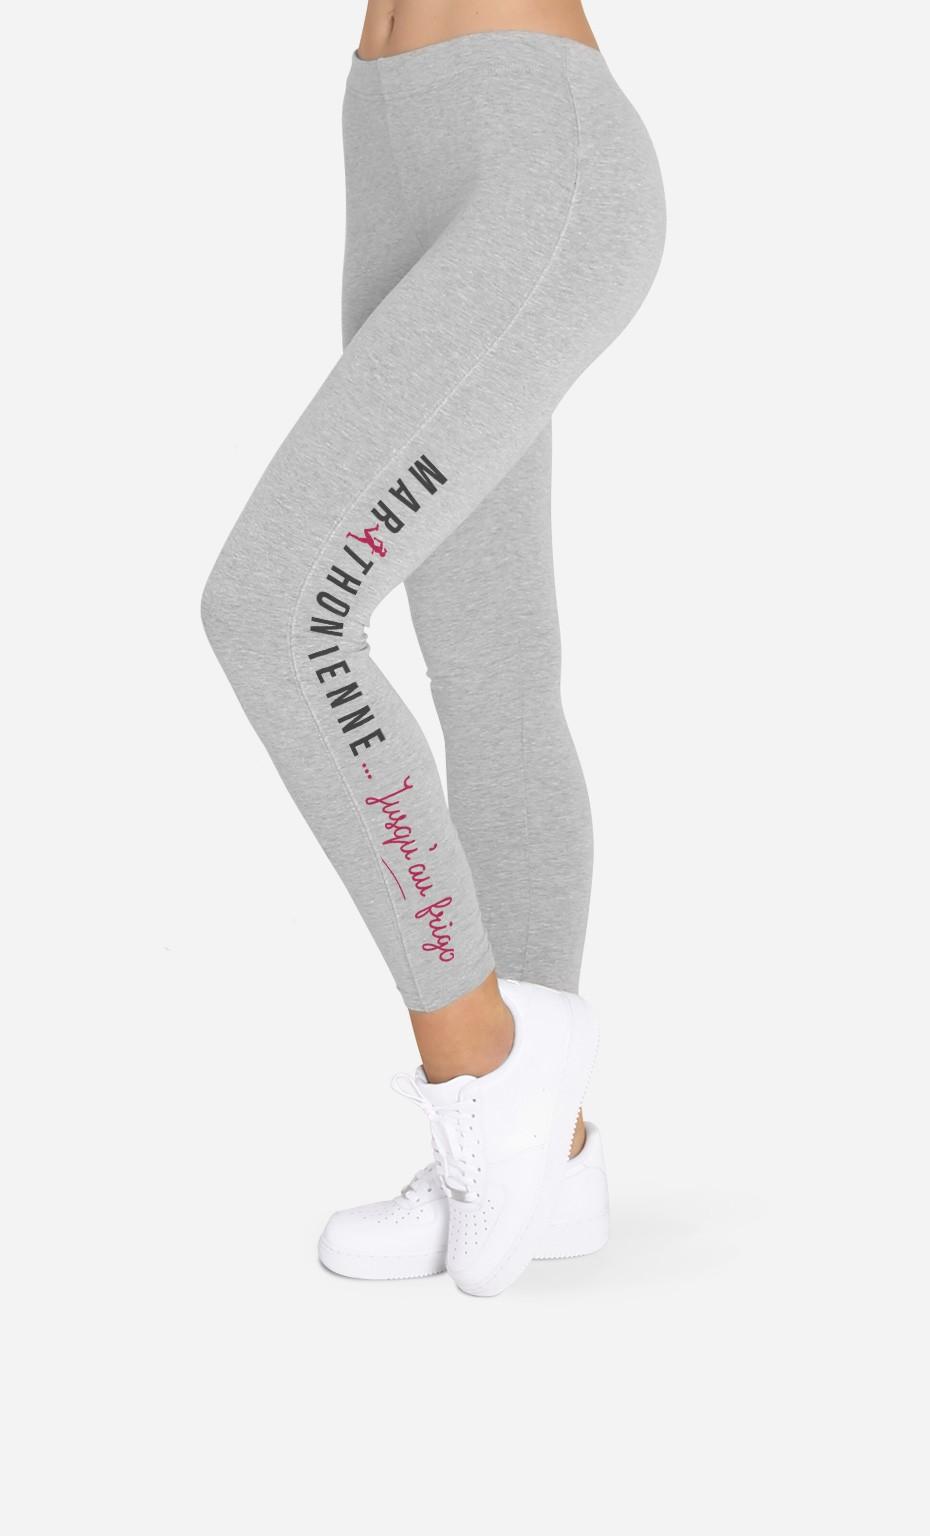 Legging Marathonienne